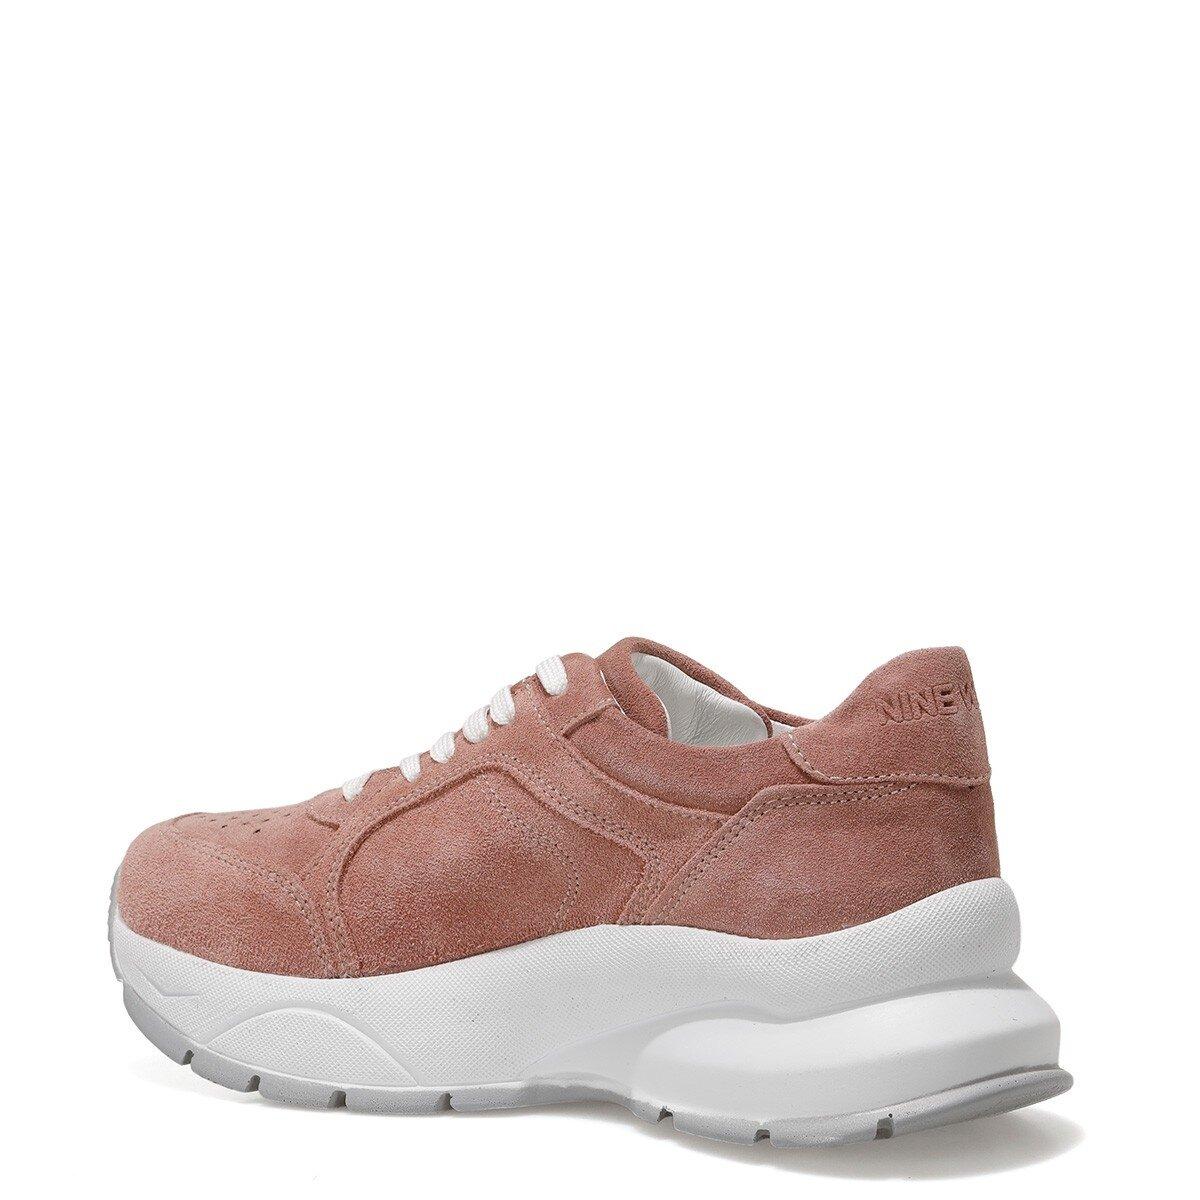 OLURO 1FX Pembe Kadın Sneaker